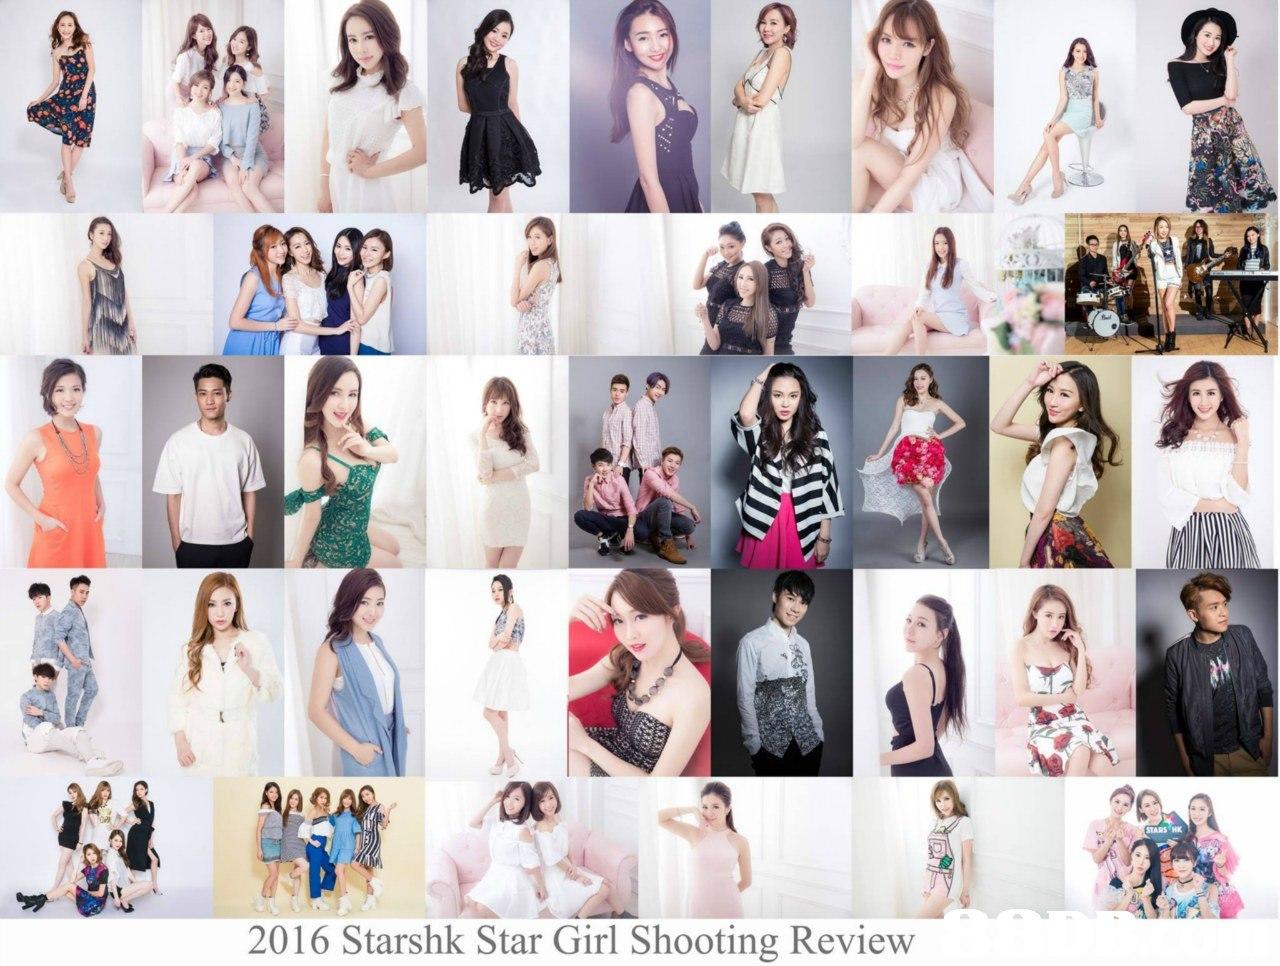 SA 2016 Starshk Star Girl Shooting Review  collage